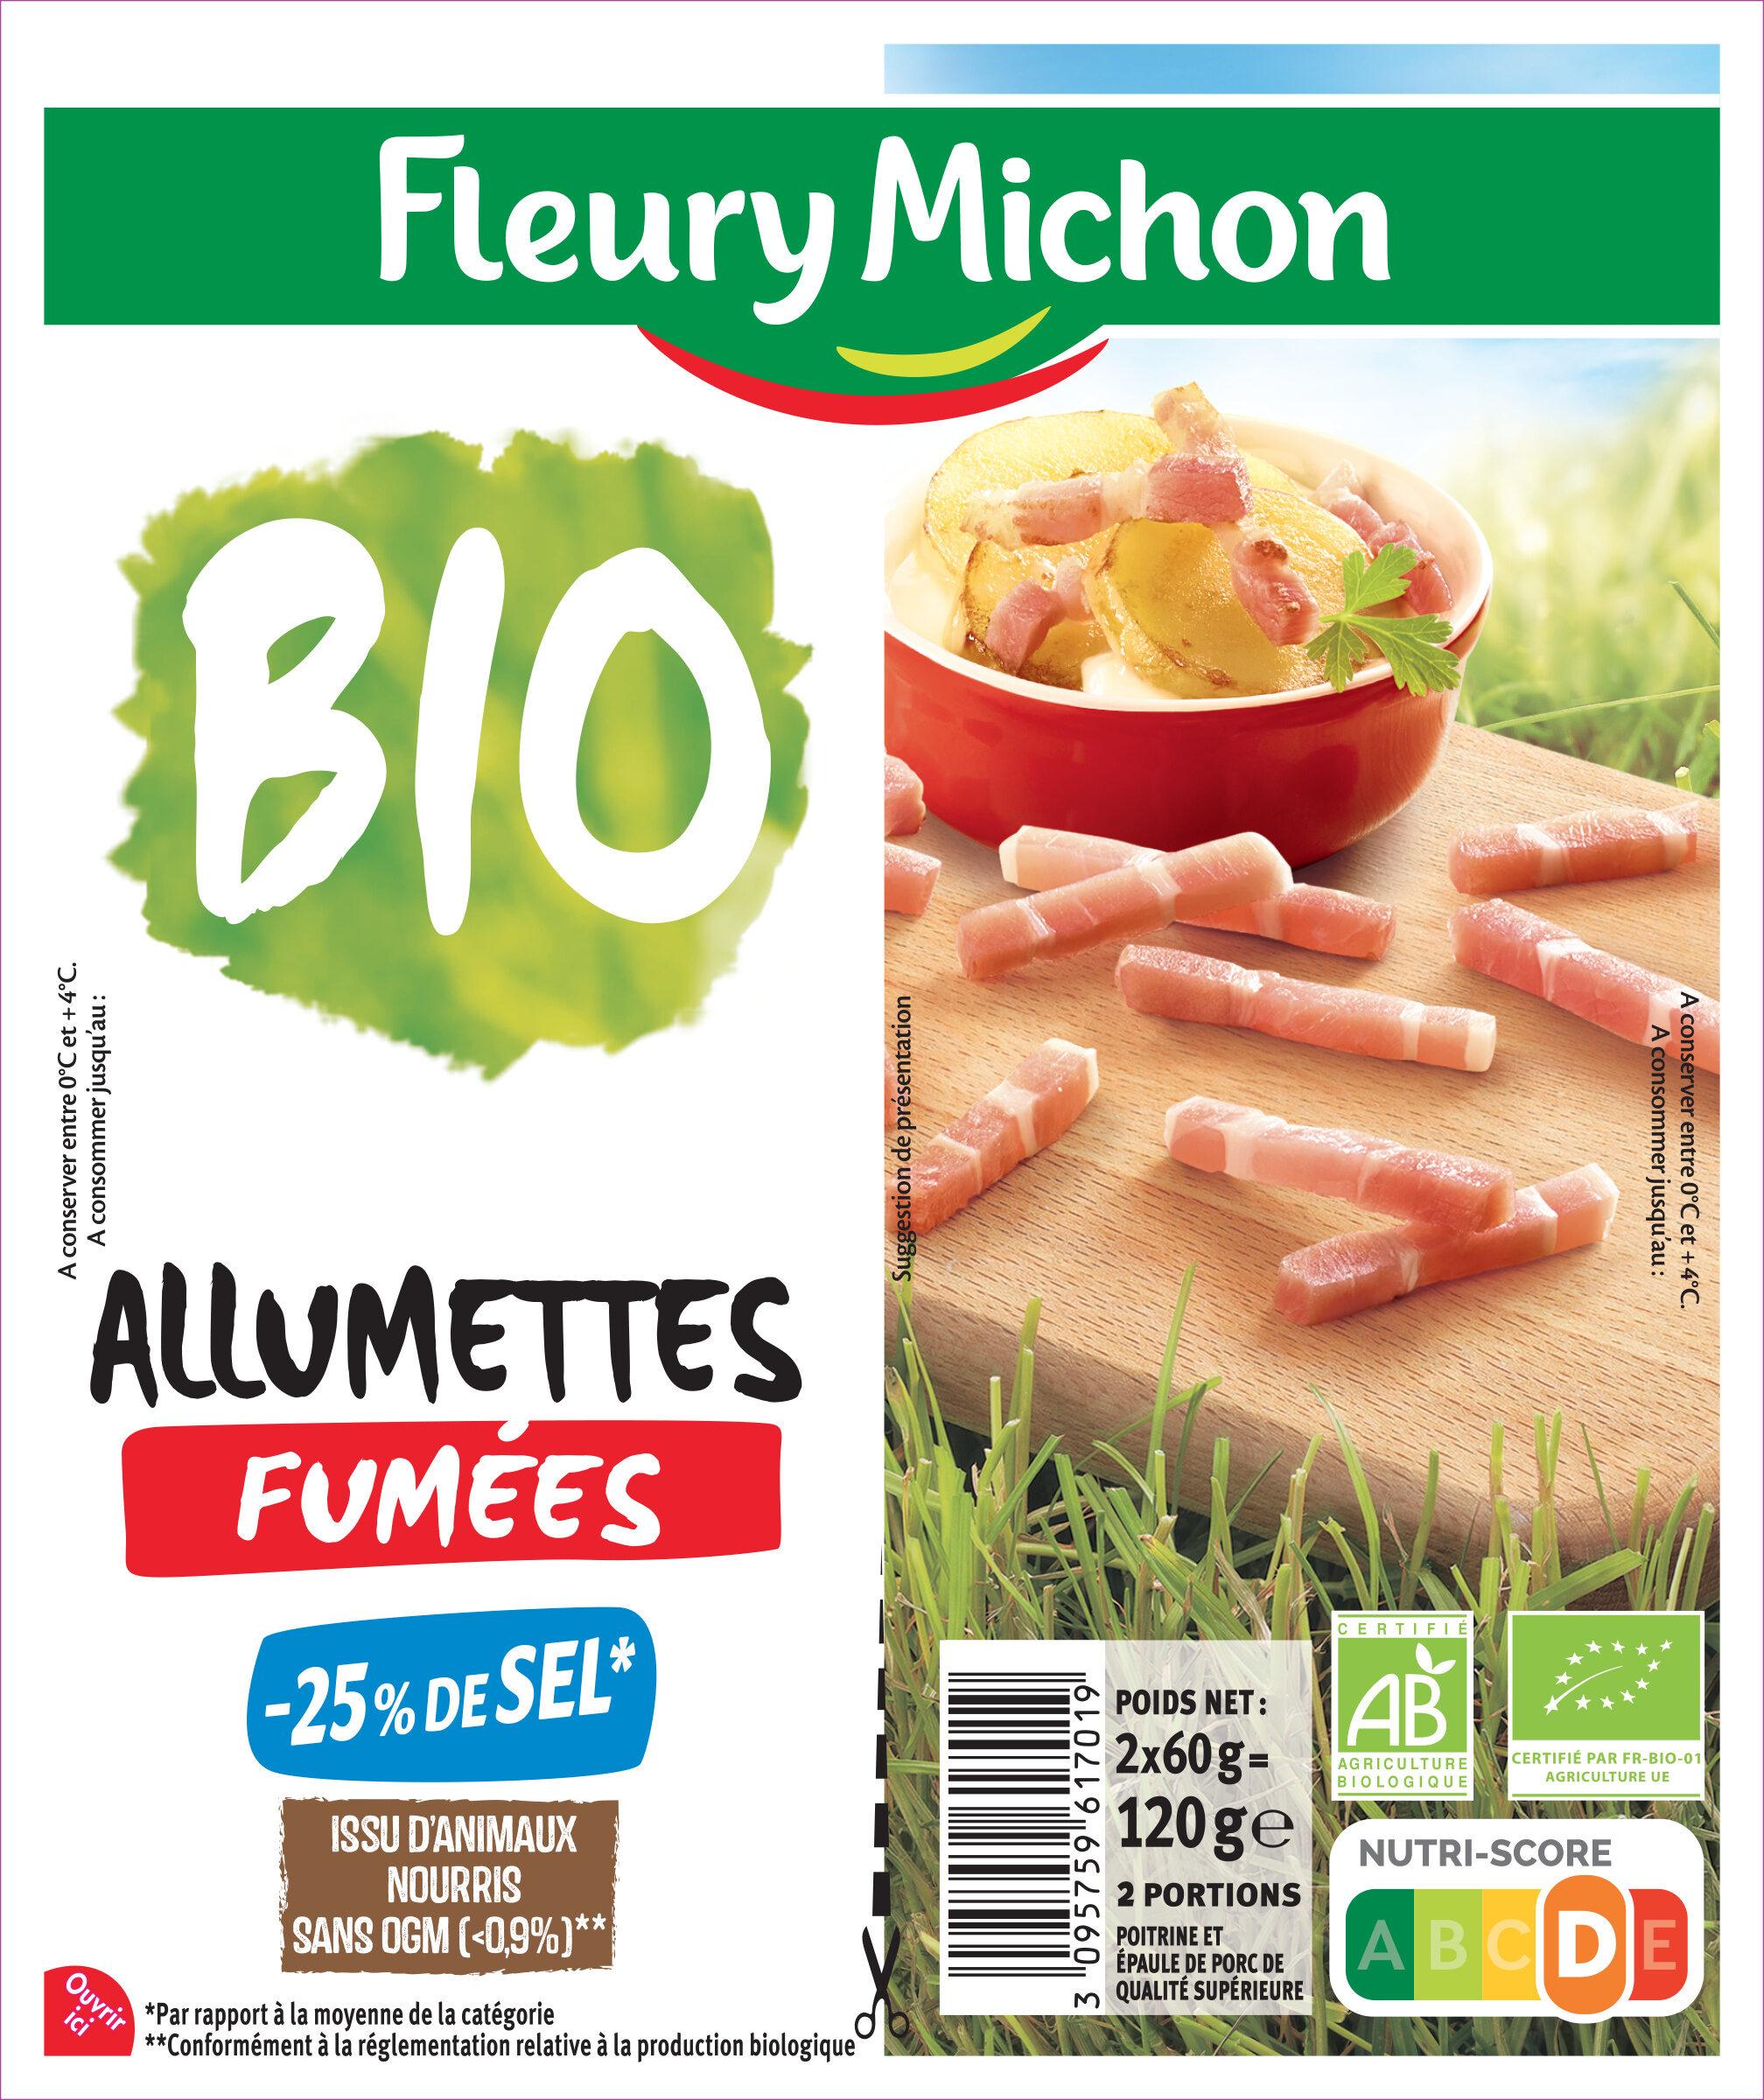 Allumettes fumées BIO -25% de sel* - Produit - fr